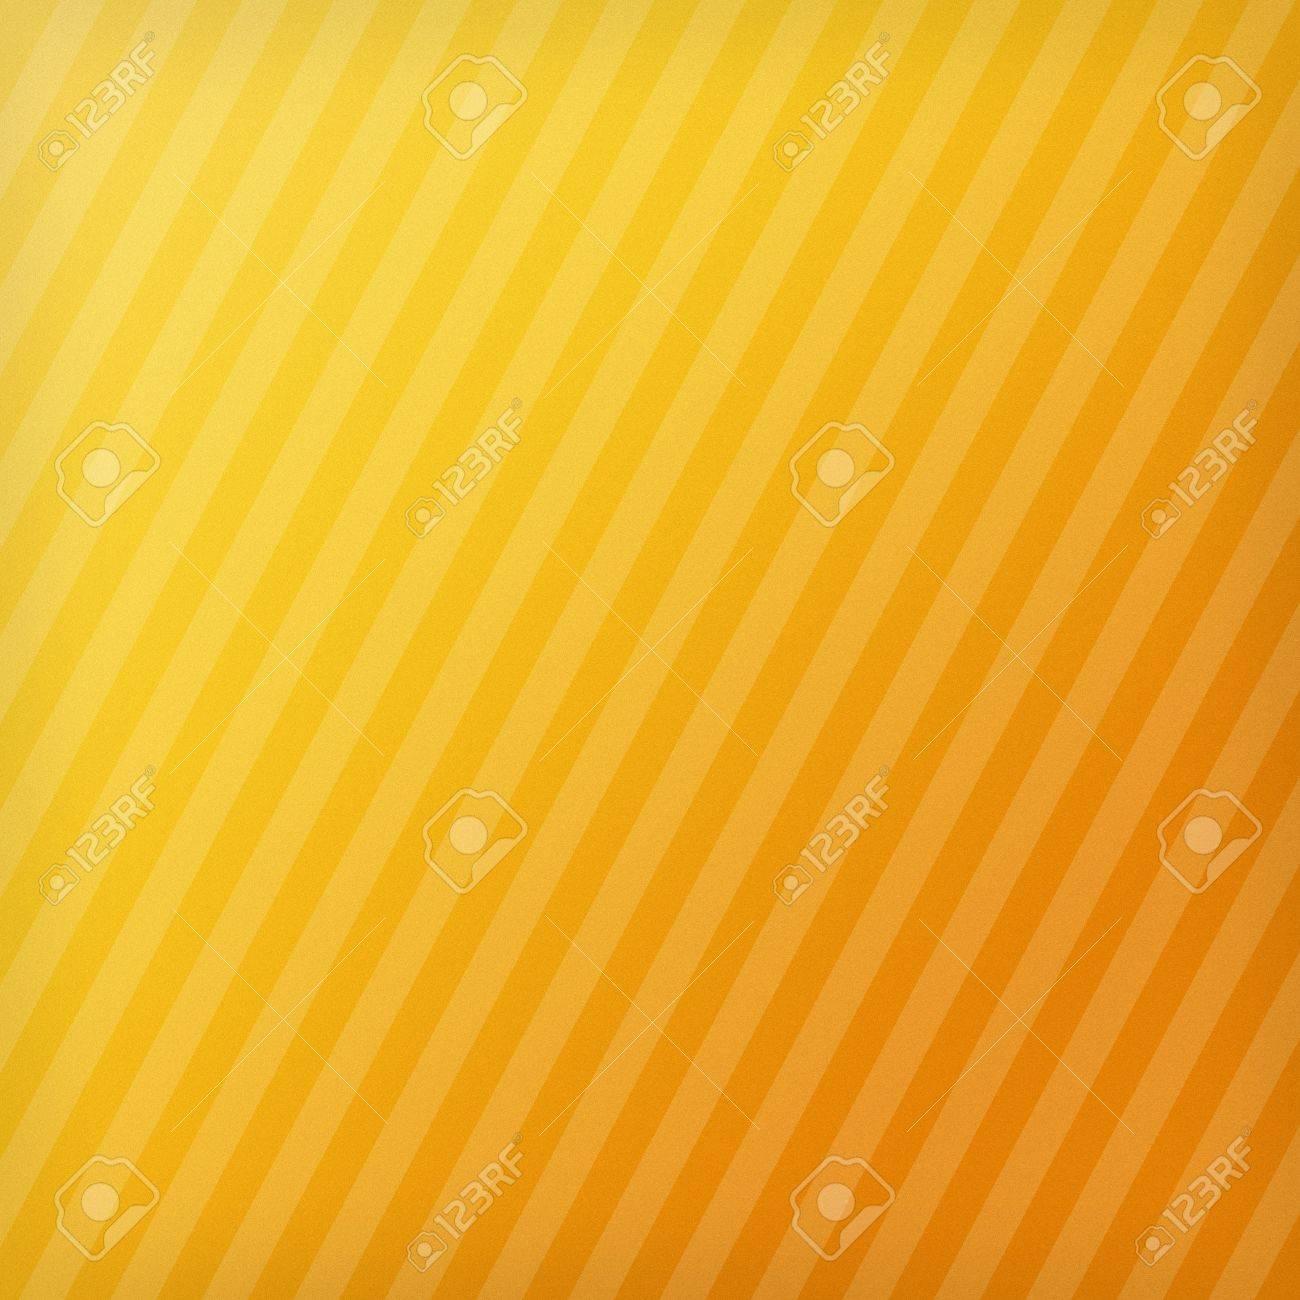 ストライプ イエロー オレンジ 紙背景抽象的なデザインのテクスチャ